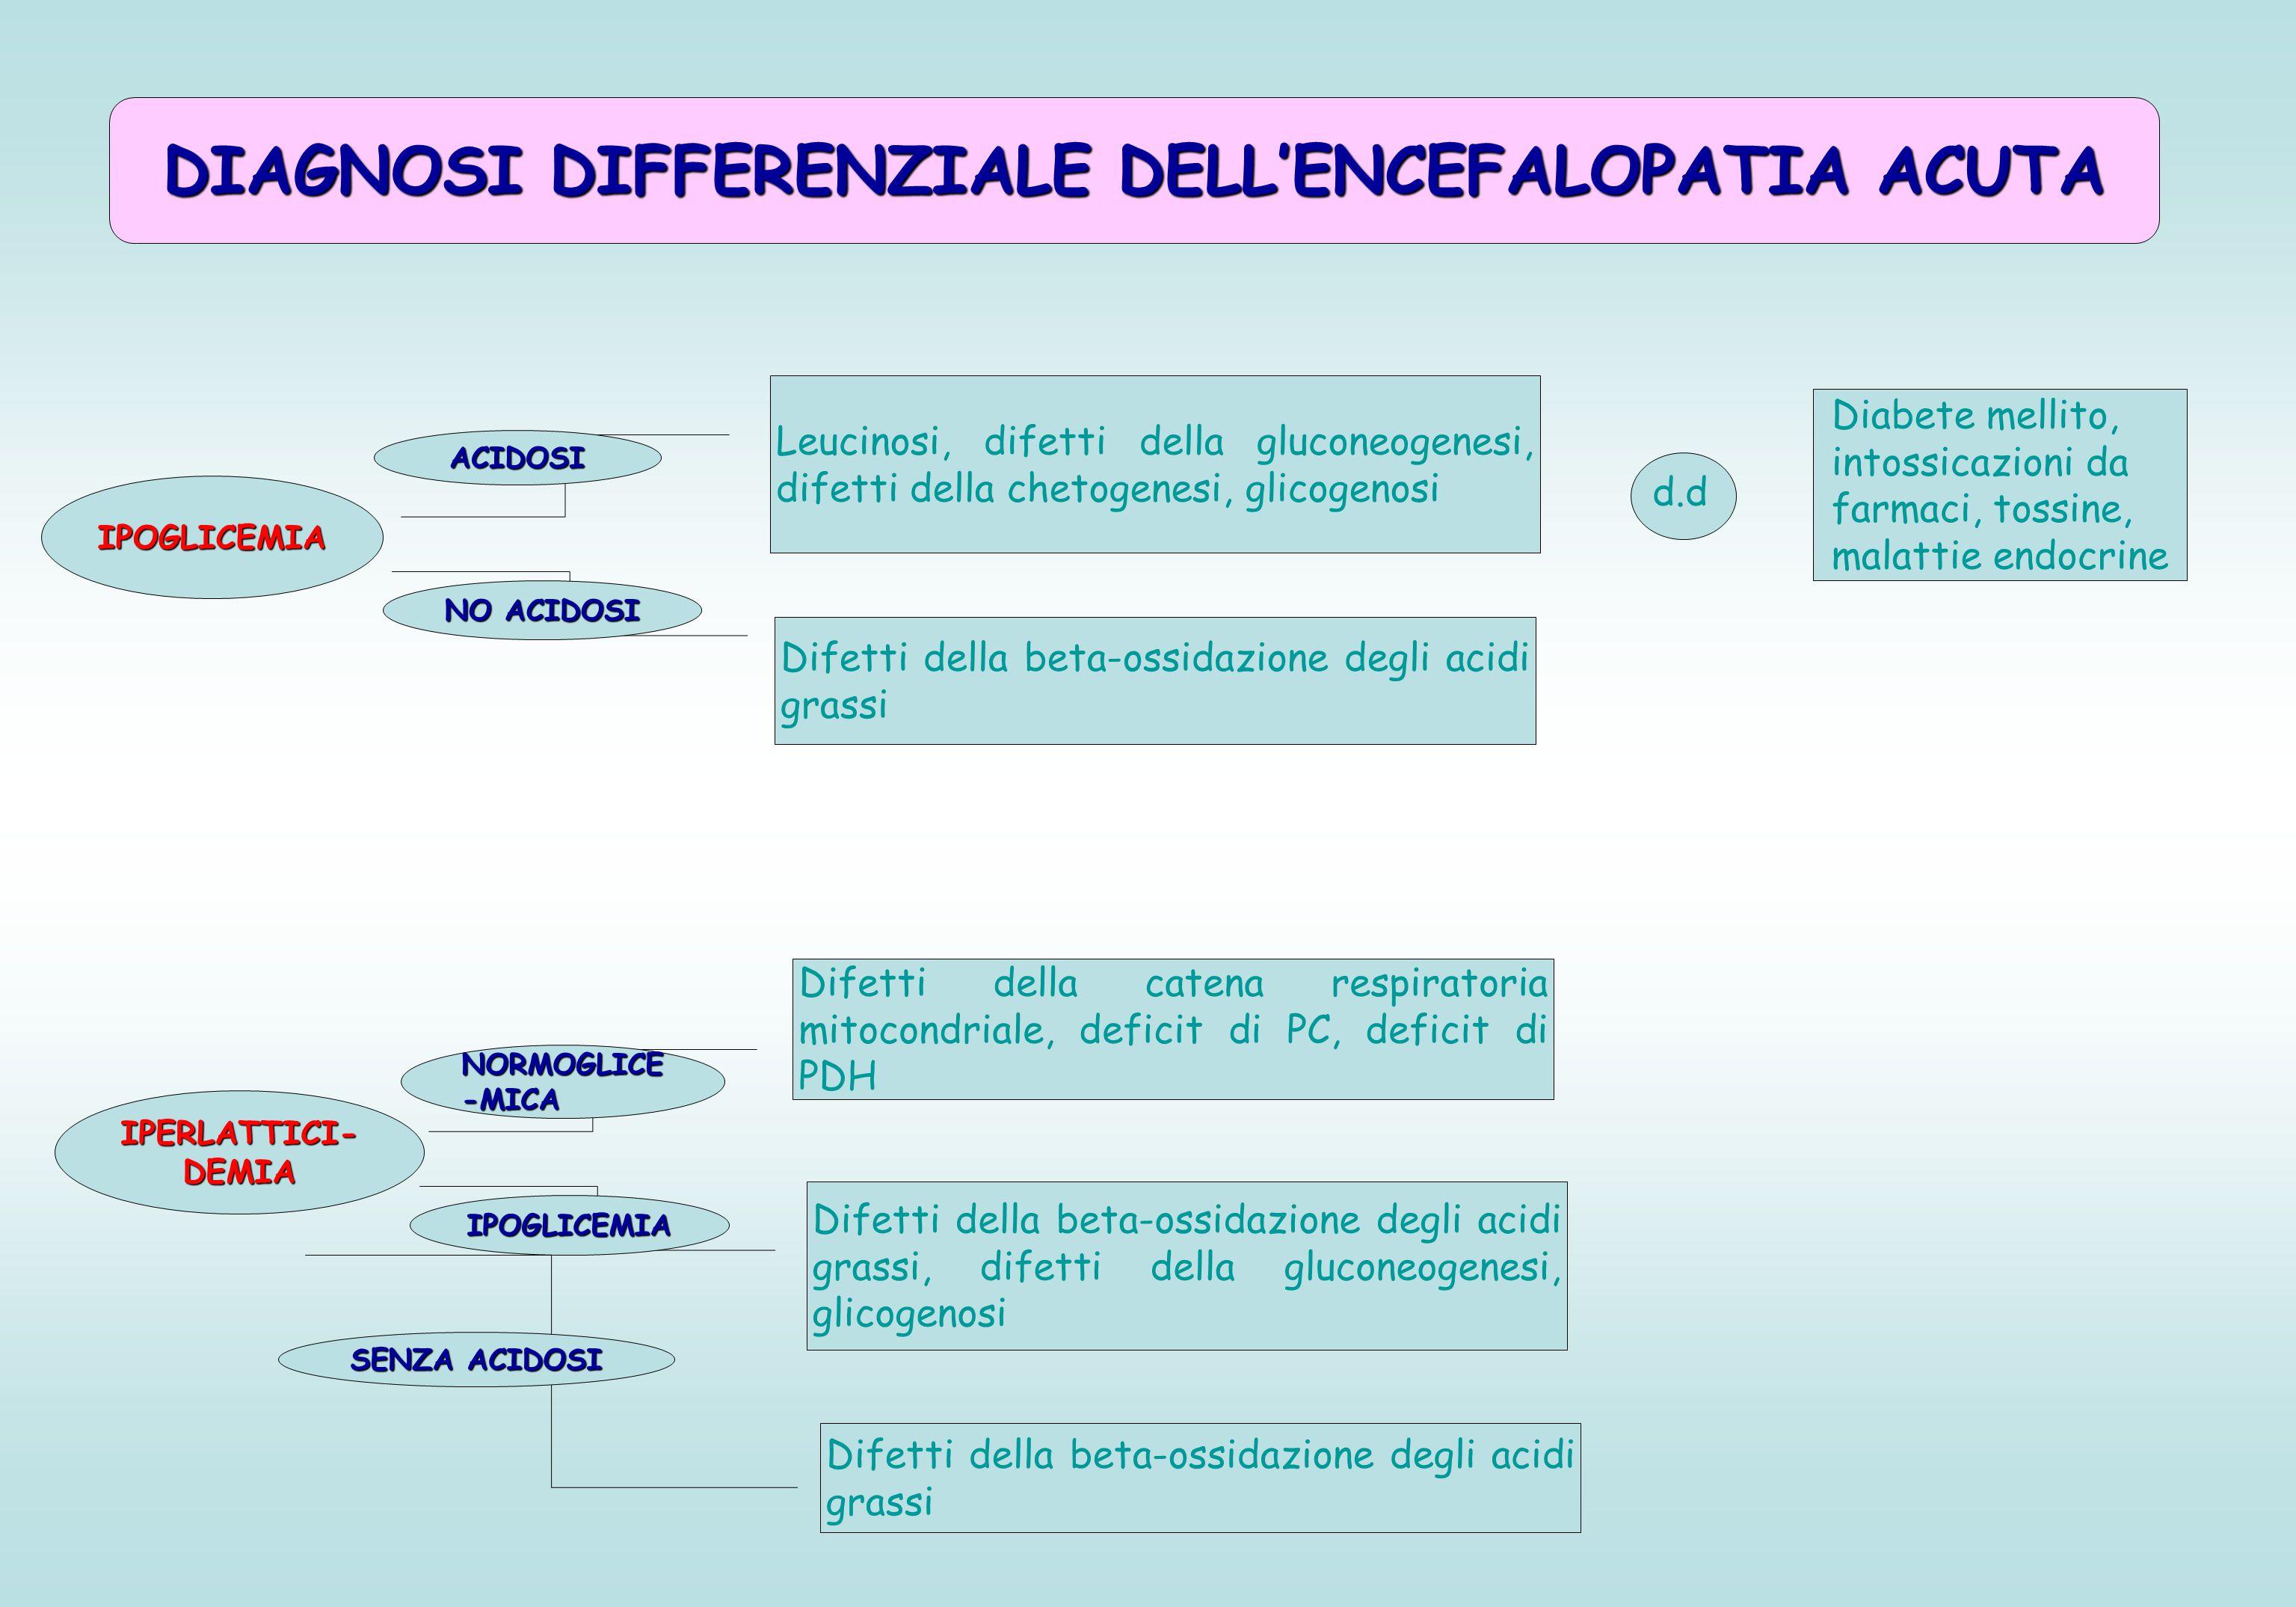 DIAGNOSI DIFFERENZIALE DELL'ENCEFALOPATIA ACUTA IPOGLICEMIA ACIDOSI NO ACIDOSI Leucinosi, difetti della gluconeogenesi, difetti della chetogenesi, glicogenosi Difetti della beta-ossidazione degli acidi grassi d.d Diabete mellito, intossicazioni da farmaci, tossine, malattie endocrine IPERLATTICI- DEMIA NORMOGLICE -MICA IPOGLICEMIA Difetti della catena respiratoria mitocondriale, deficit di PC, deficit di PDH Difetti della beta-ossidazione degli acidi grassi, difetti della gluconeogenesi, glicogenosi SENZA ACIDOSI Difetti della beta-ossidazione degli acidi grassi